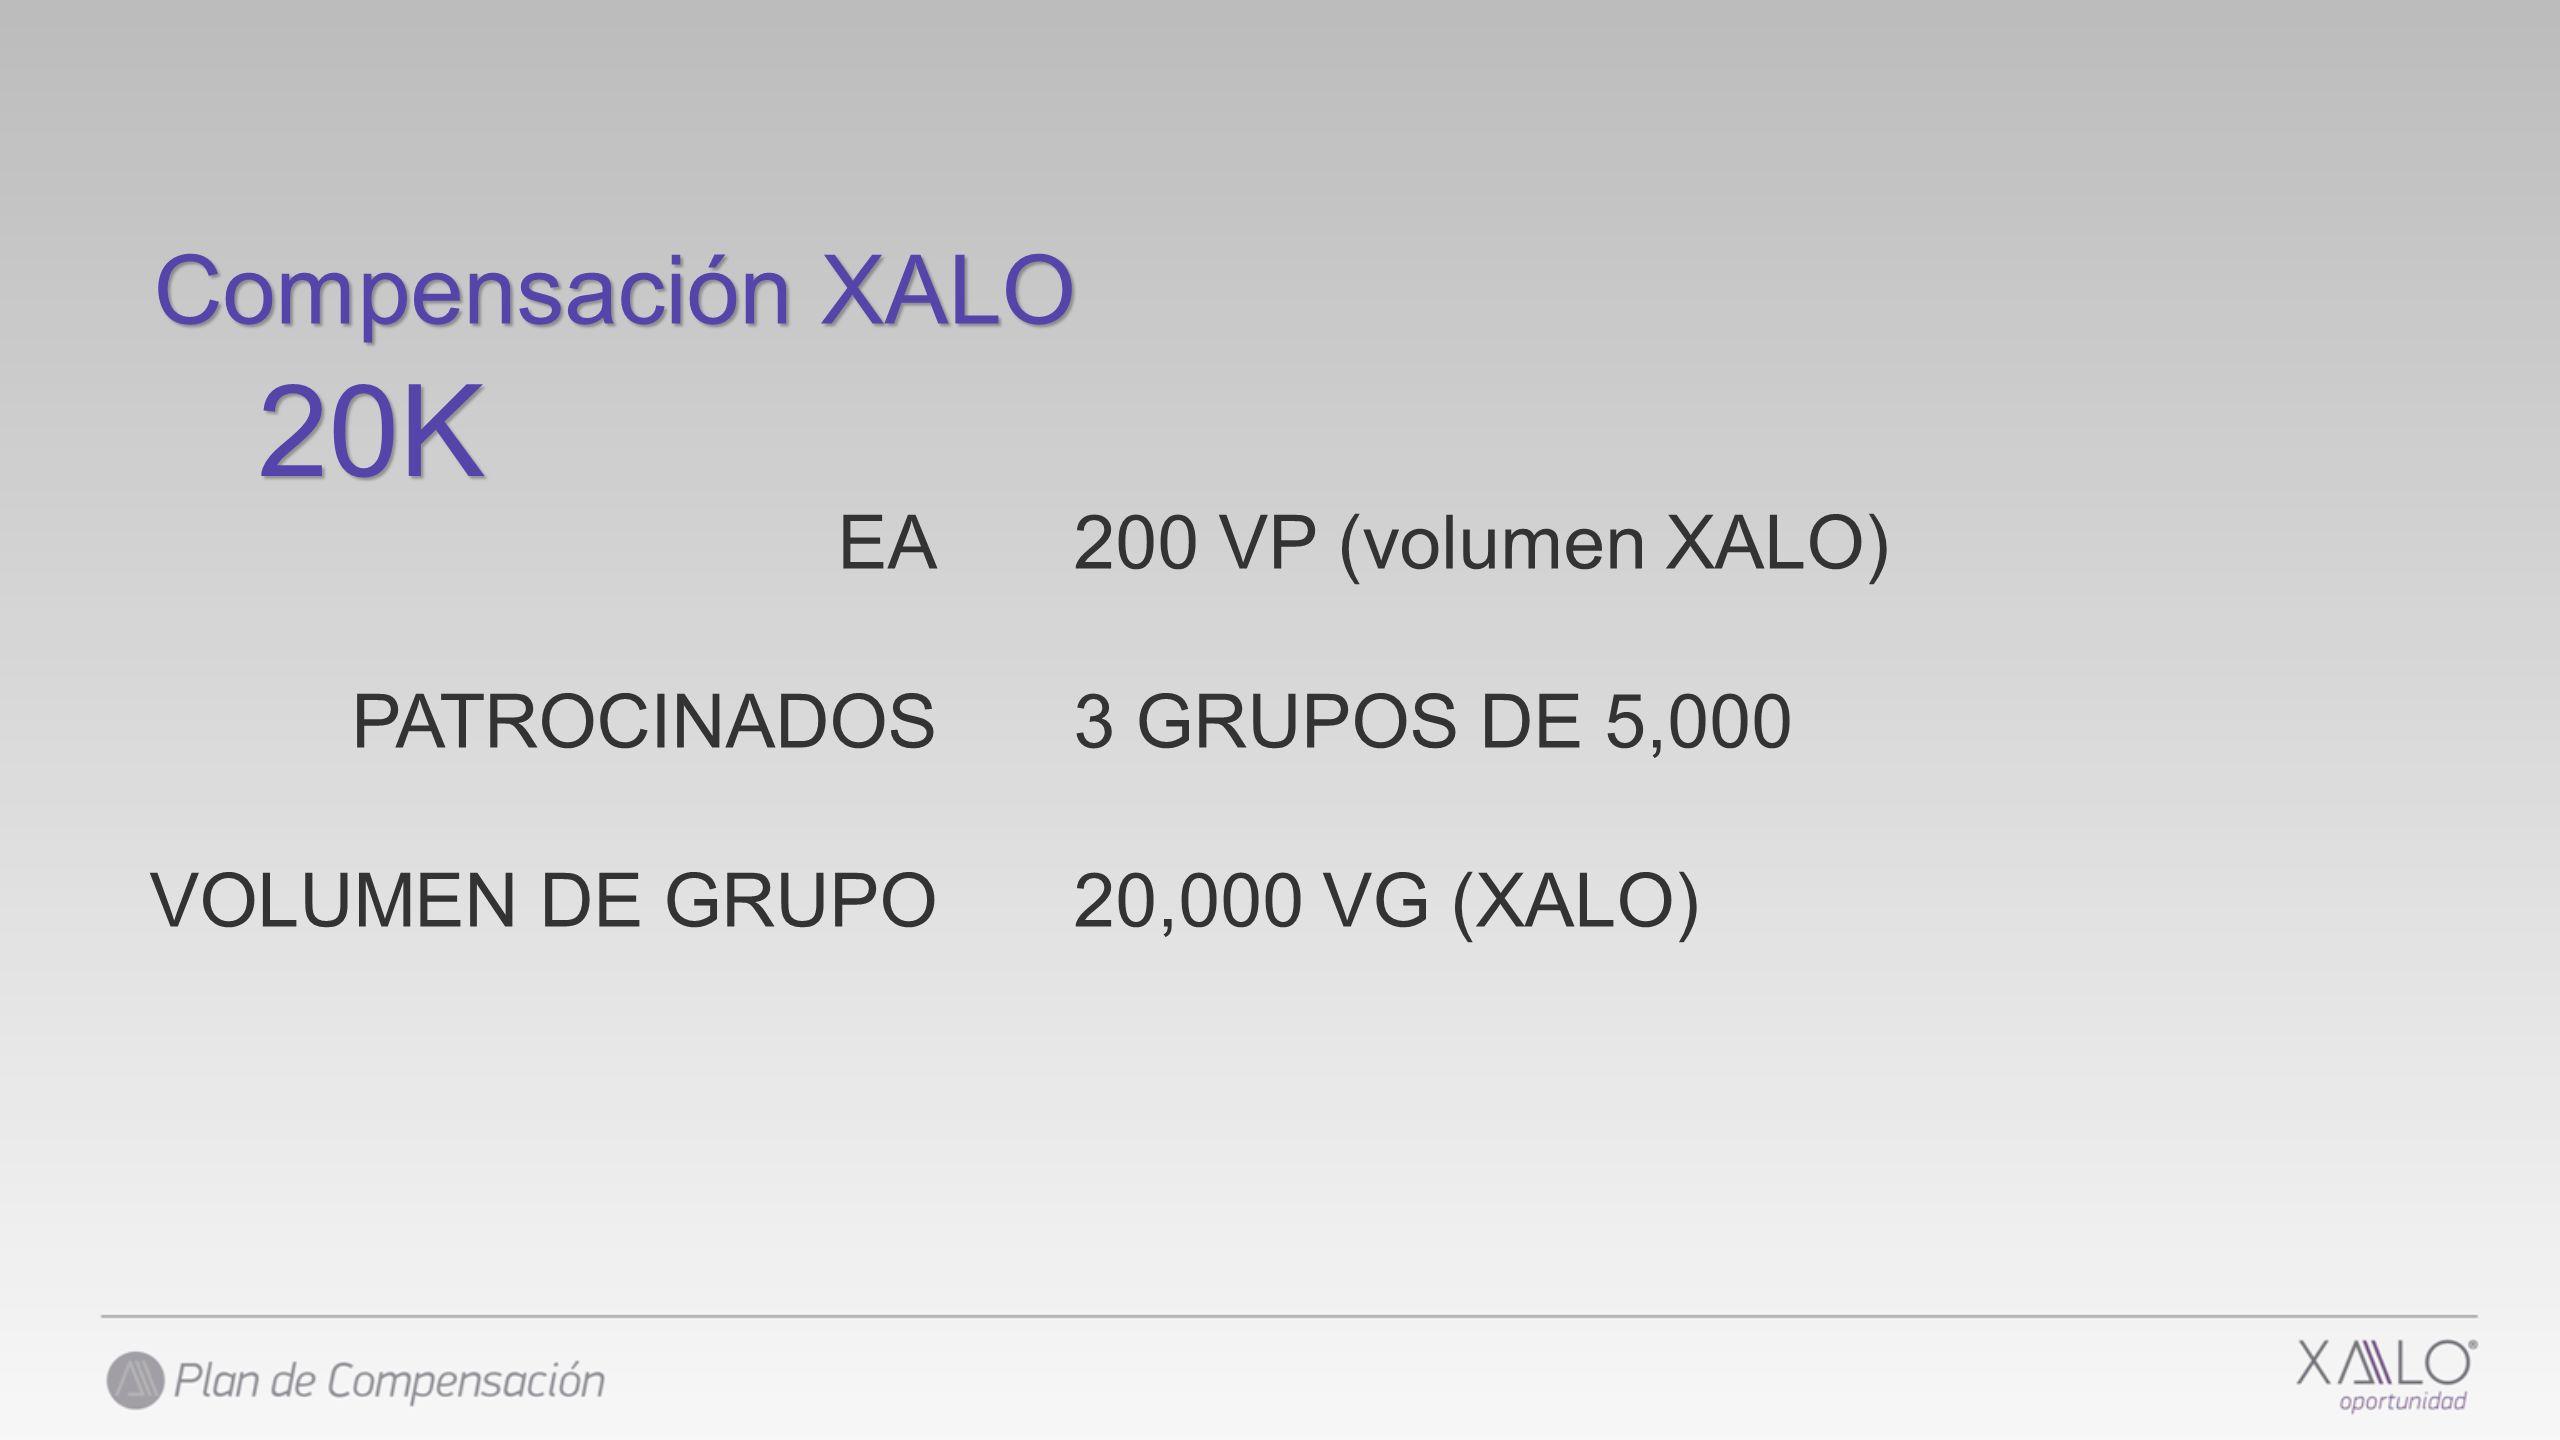 200 VP (volumen XALO) 3 GRUPOS DE 5,000 20,000 VG (XALO) Compensación XALO 20K EA PATROCINADOS VOLUMEN DE GRUPO